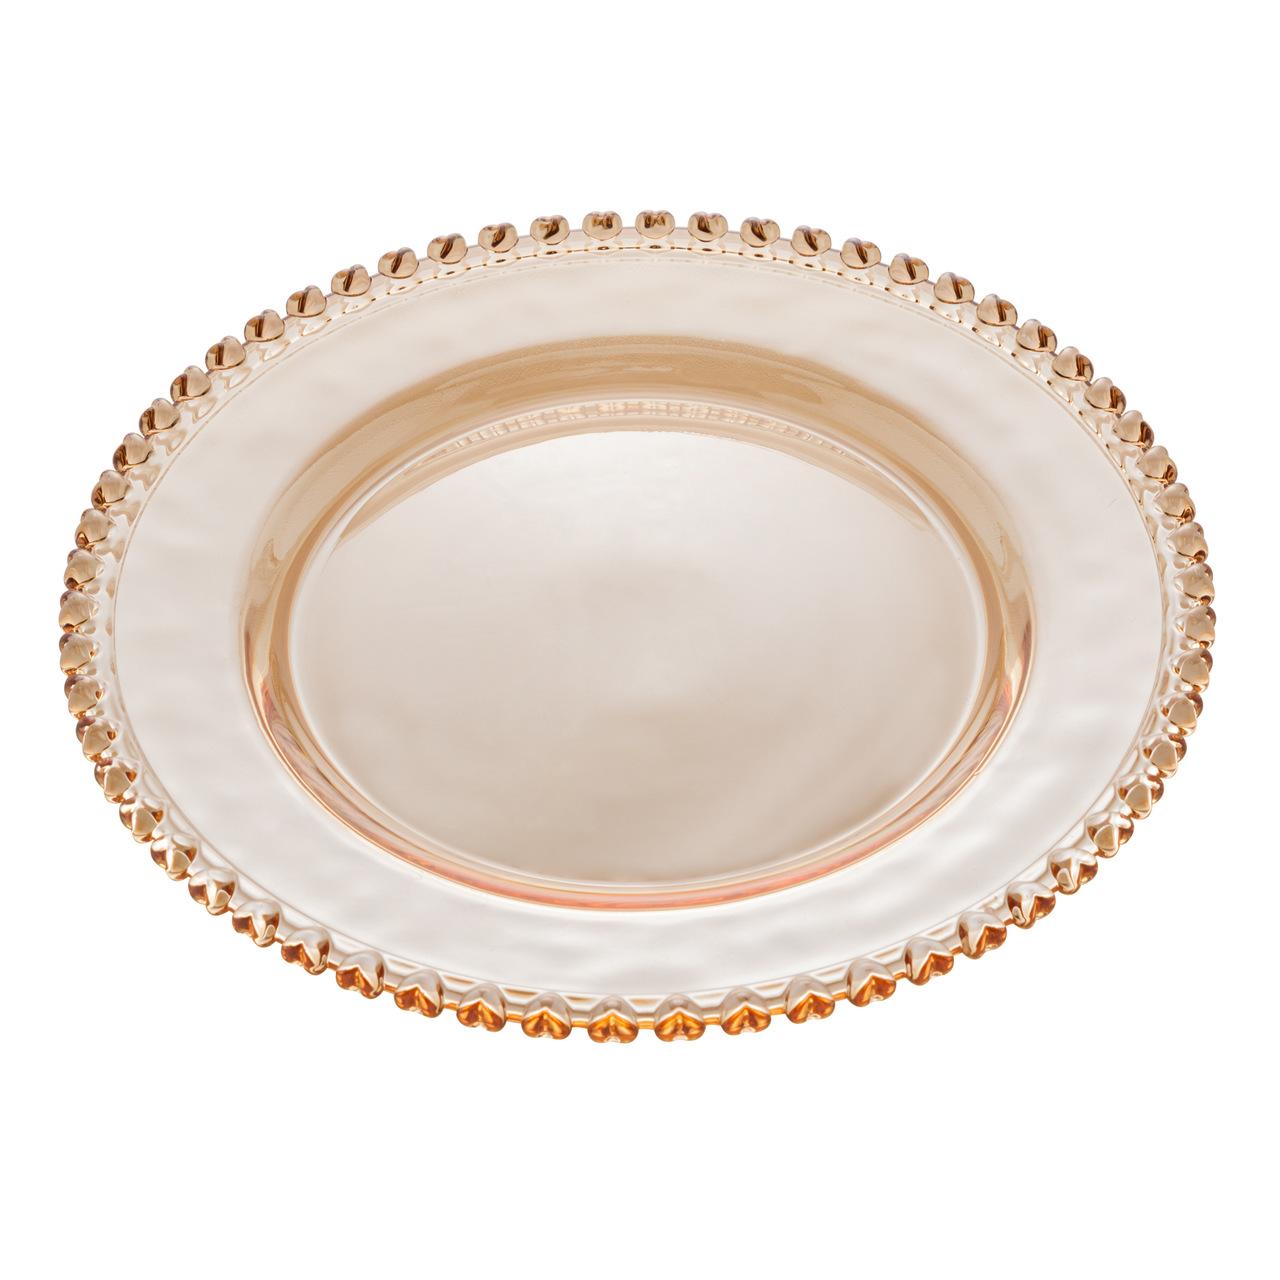 Prato de cristal âmbar metalizado Coração Lyor 28 cm